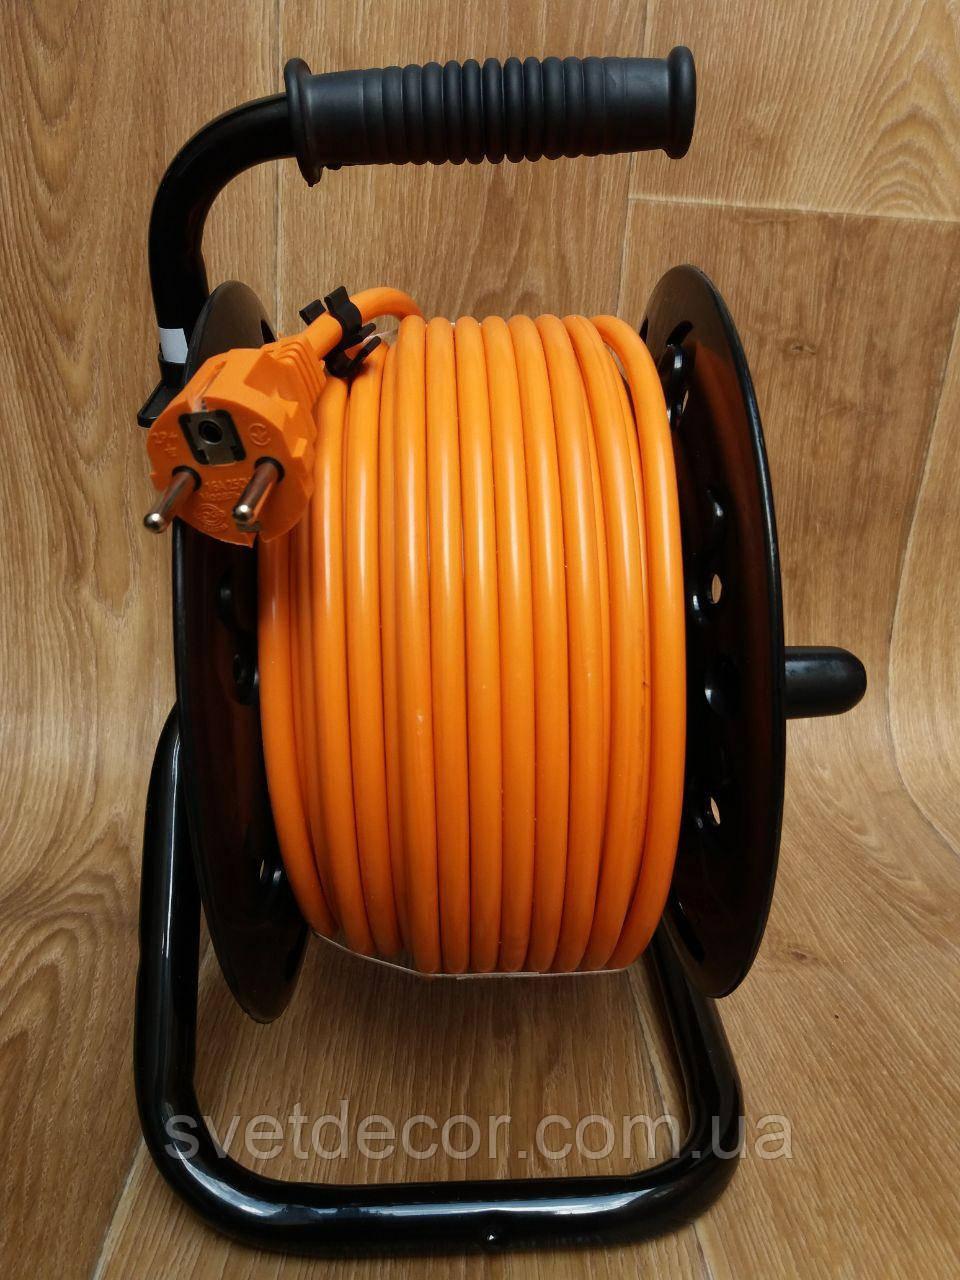 Удлинитель на катушке Svittex 25м с сечением провода 3х2,5 мм², заземлением и термозащитой